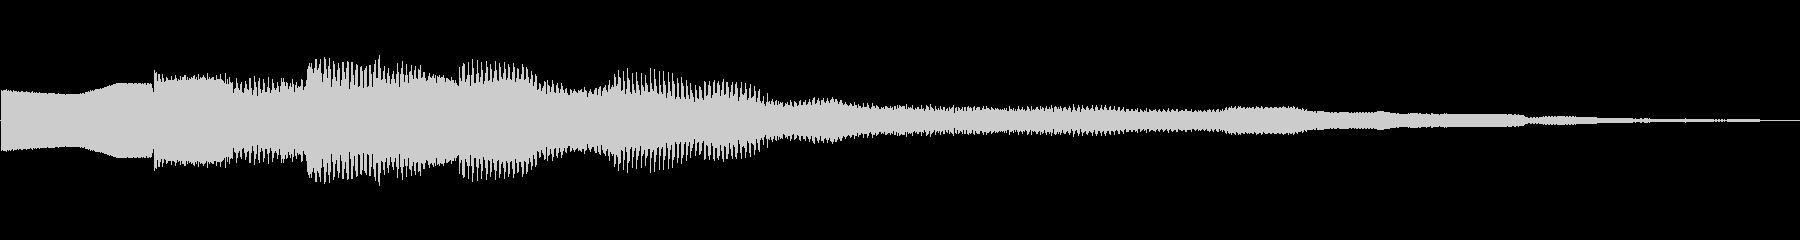 ピンポンピンポーン!!クイズ正解 02の未再生の波形